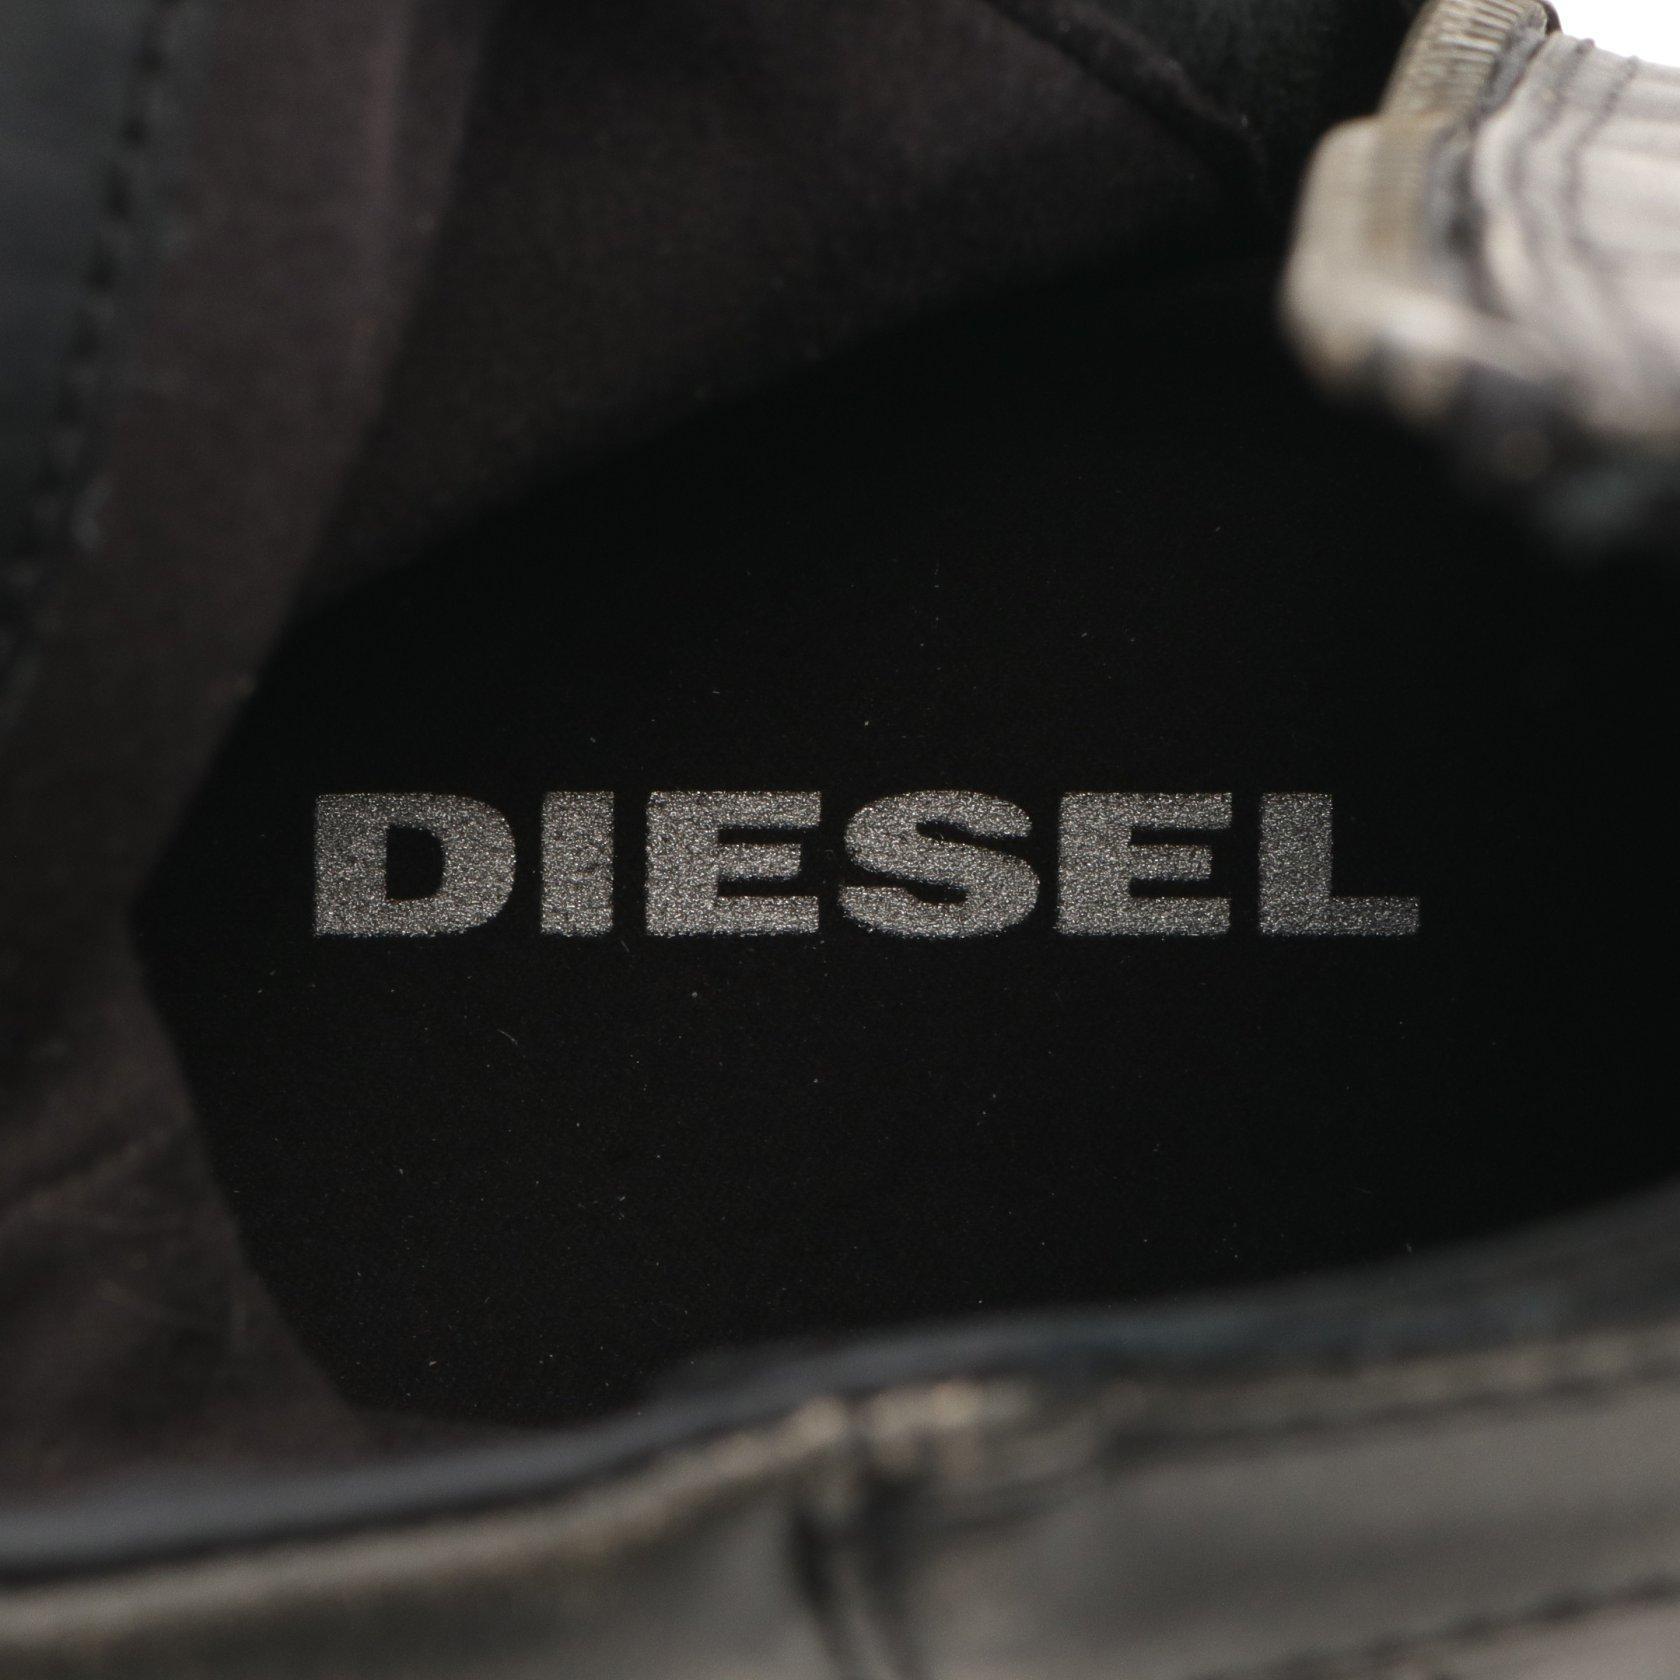 DIESEL・シューズ・BASKET BUTCH ZIPPY ブーツ レザー ブラック ヴィンテージ加工